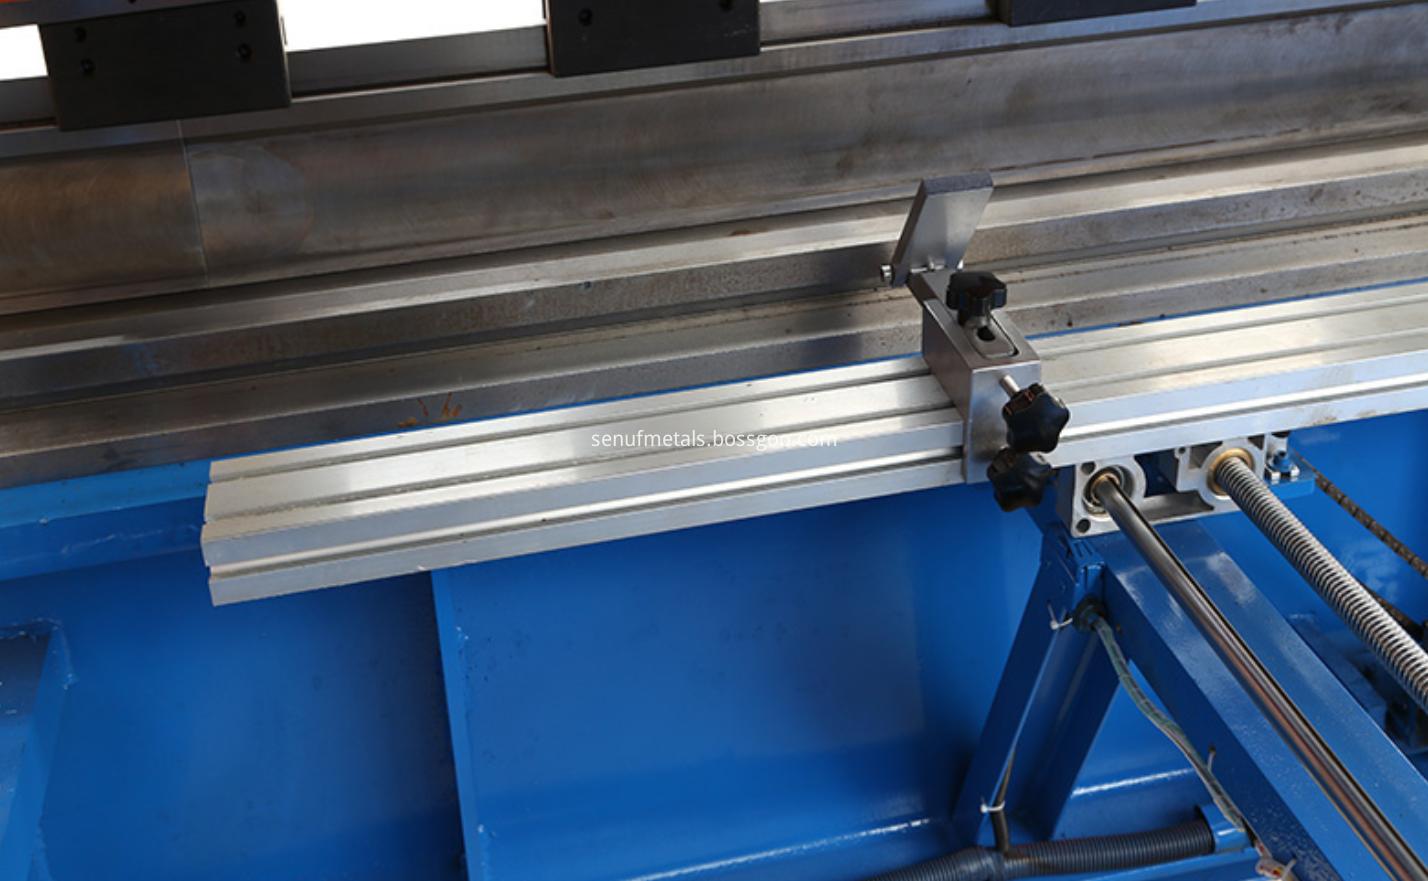 cnc metal press brake bending machine (1)